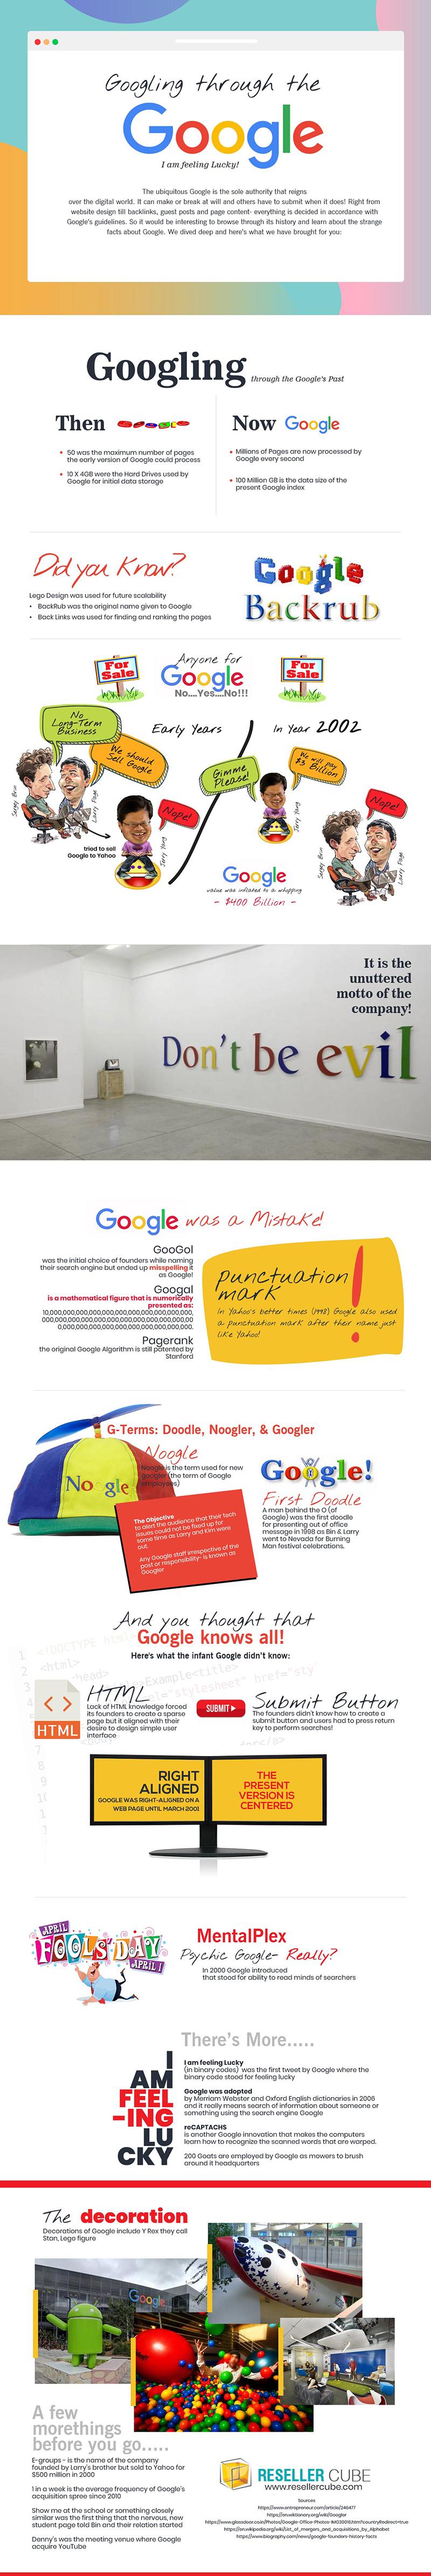 Google.com Infographic